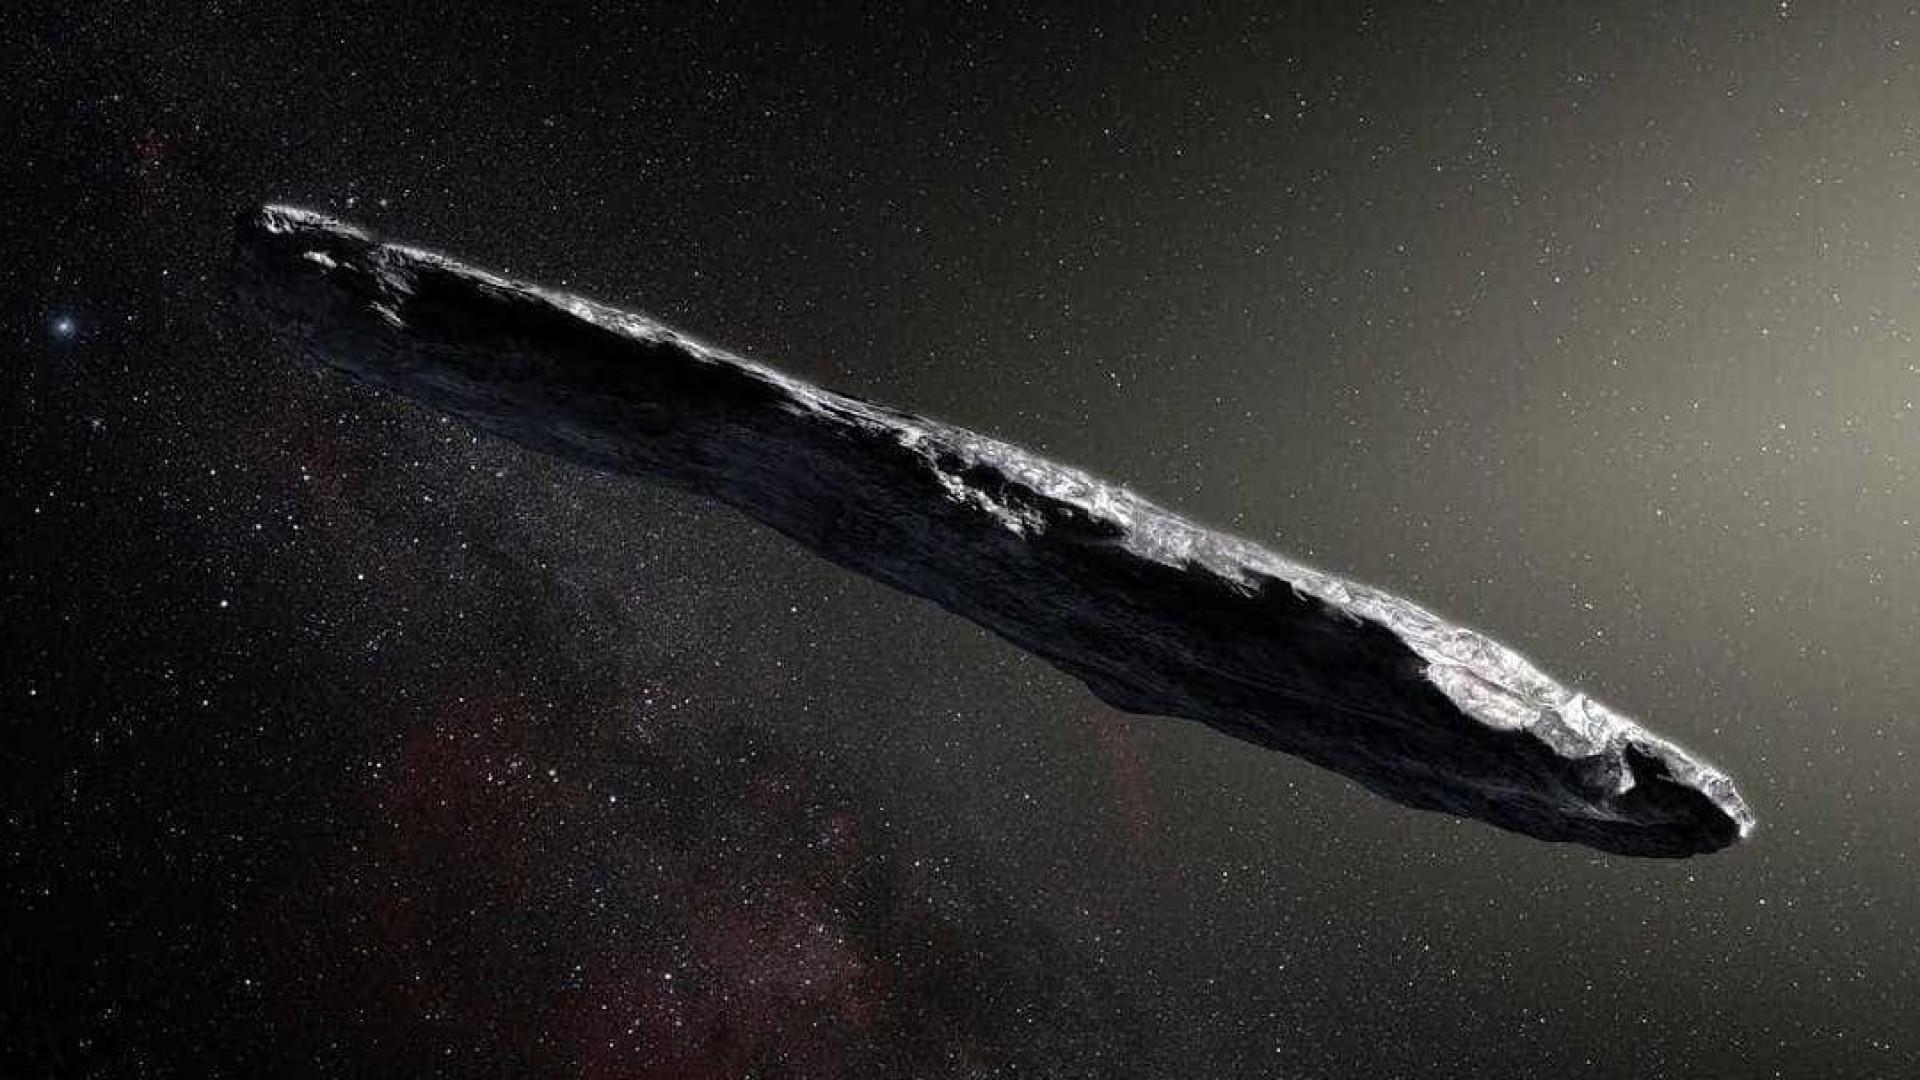 Asteroide de 400 metros atravessa o Sistema Solar e intriga astrônomos